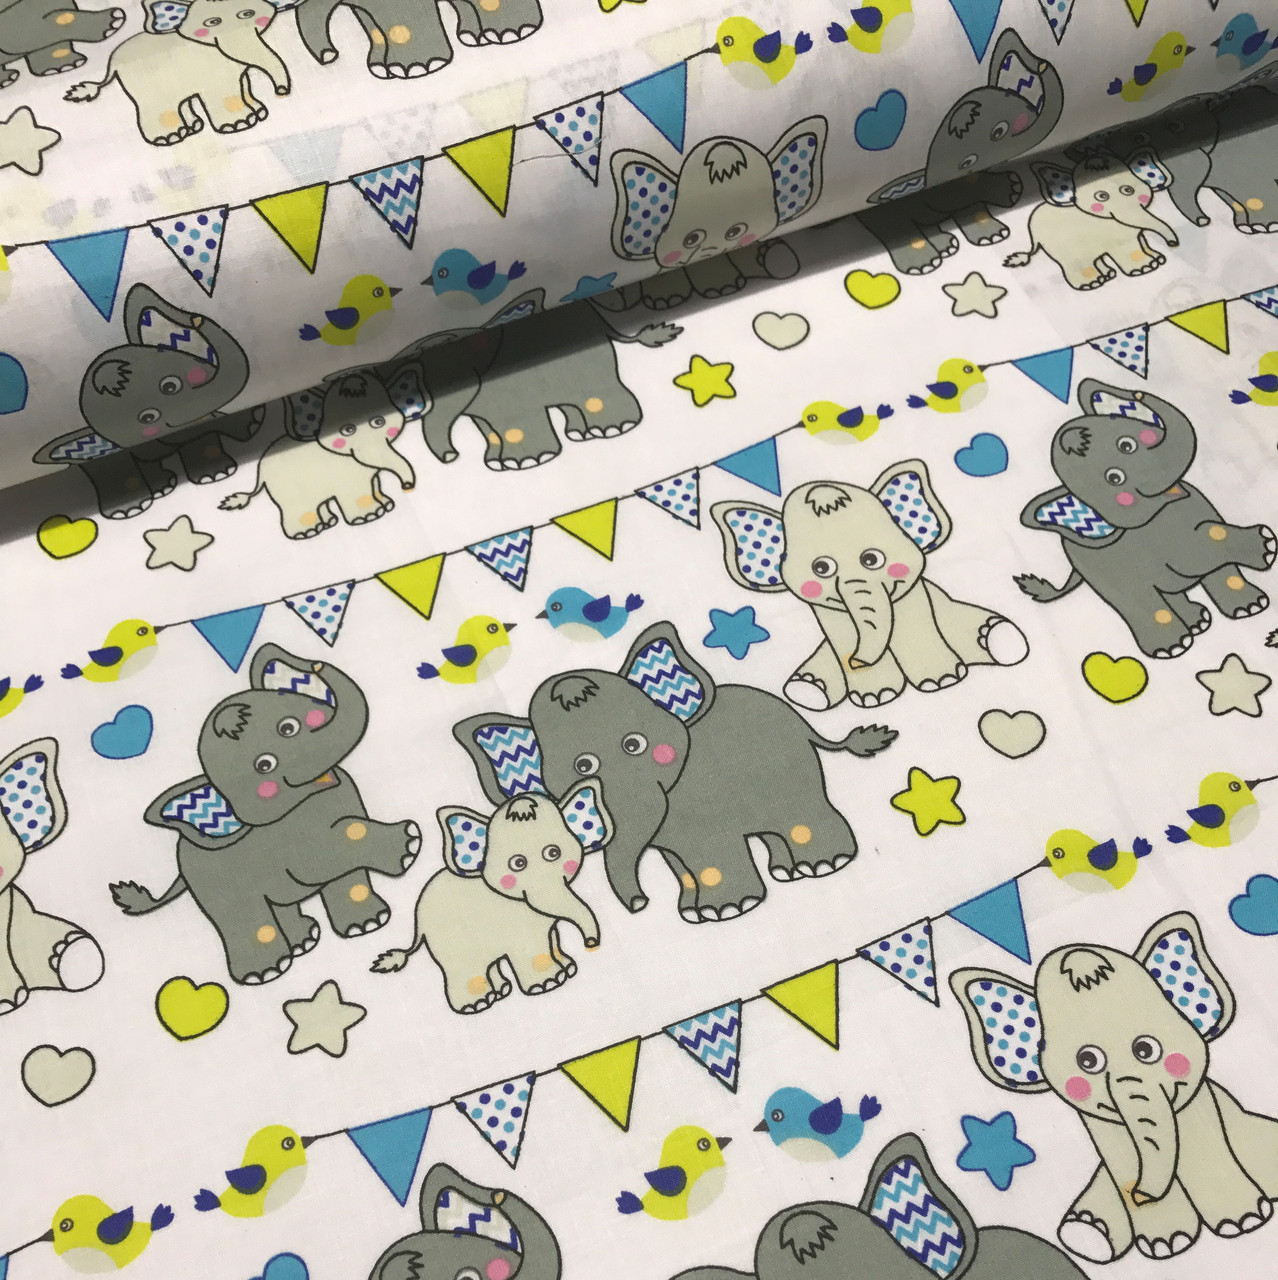 Хлопковая ткань польская слоники с треугольными флажками серо-желто-бирюзовые отрез (размер 1,25*1,6 м)